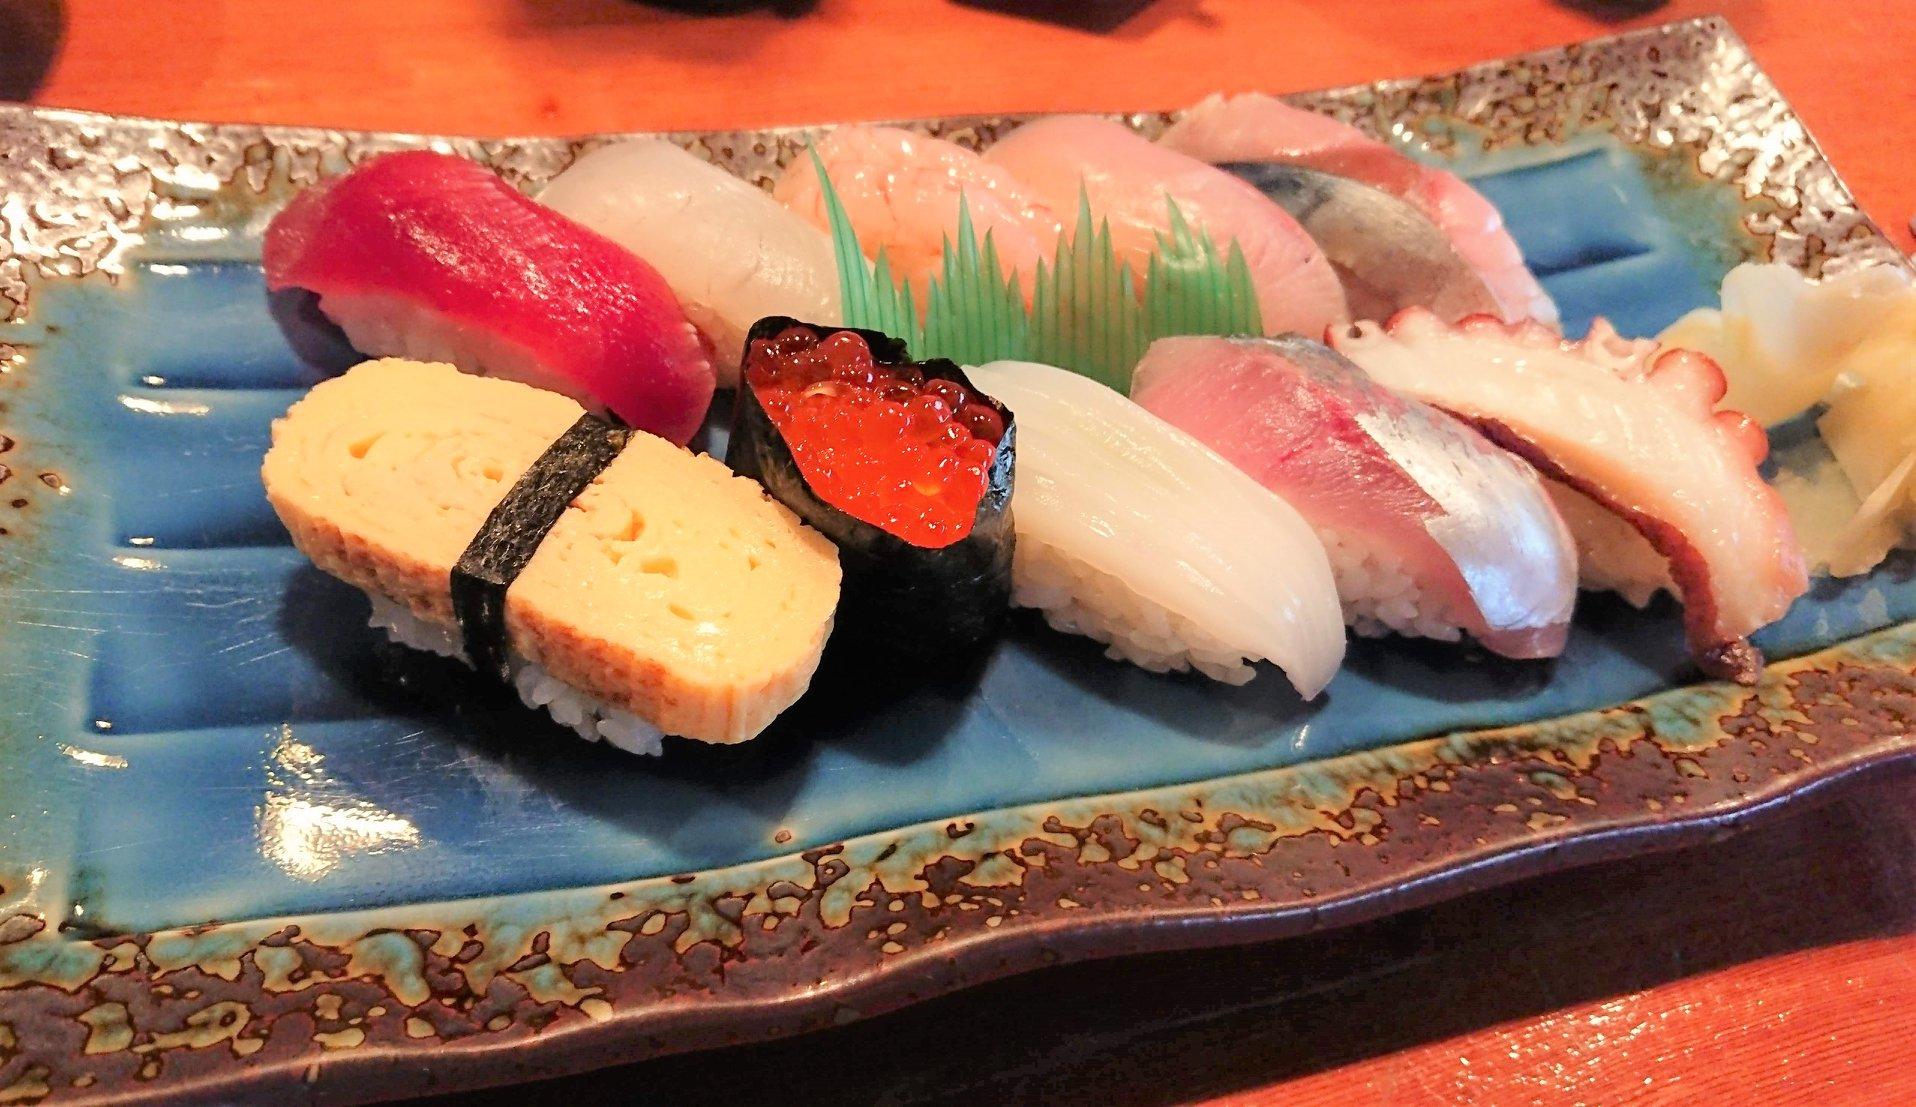 バランス最高の寿司ランチも楽しめる「繁寿し(しげずし)」【七尾市】